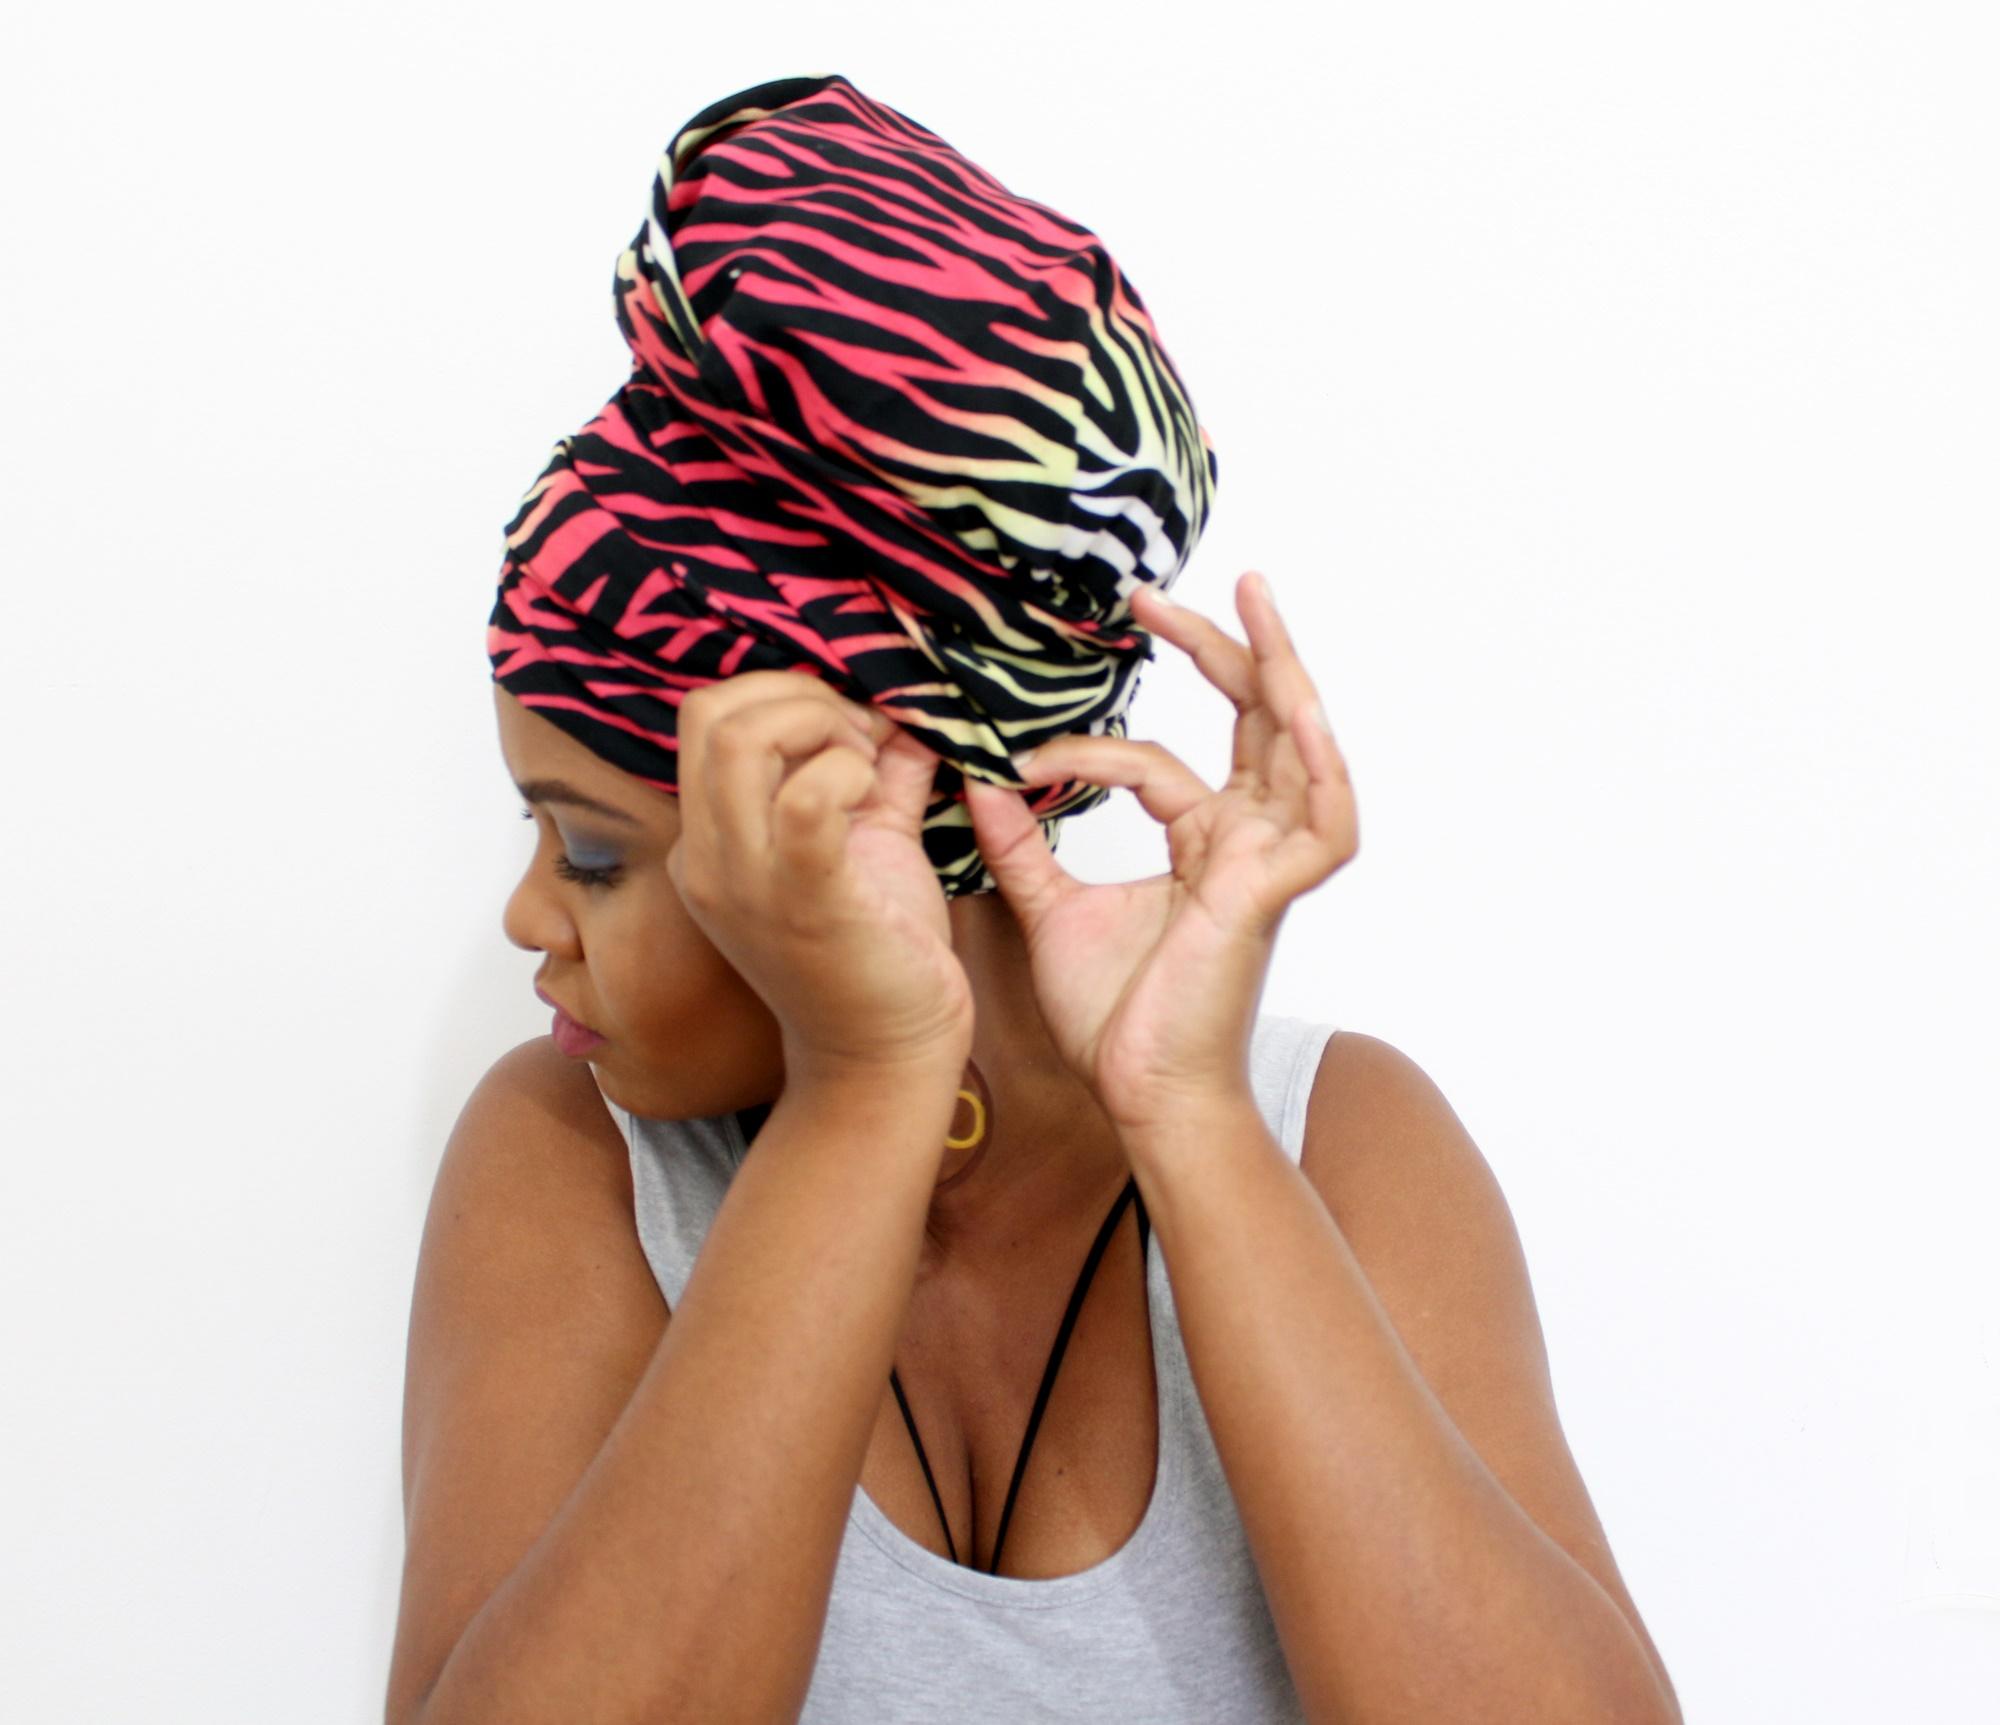 Penteado com turbante para cabelo curto cacheado